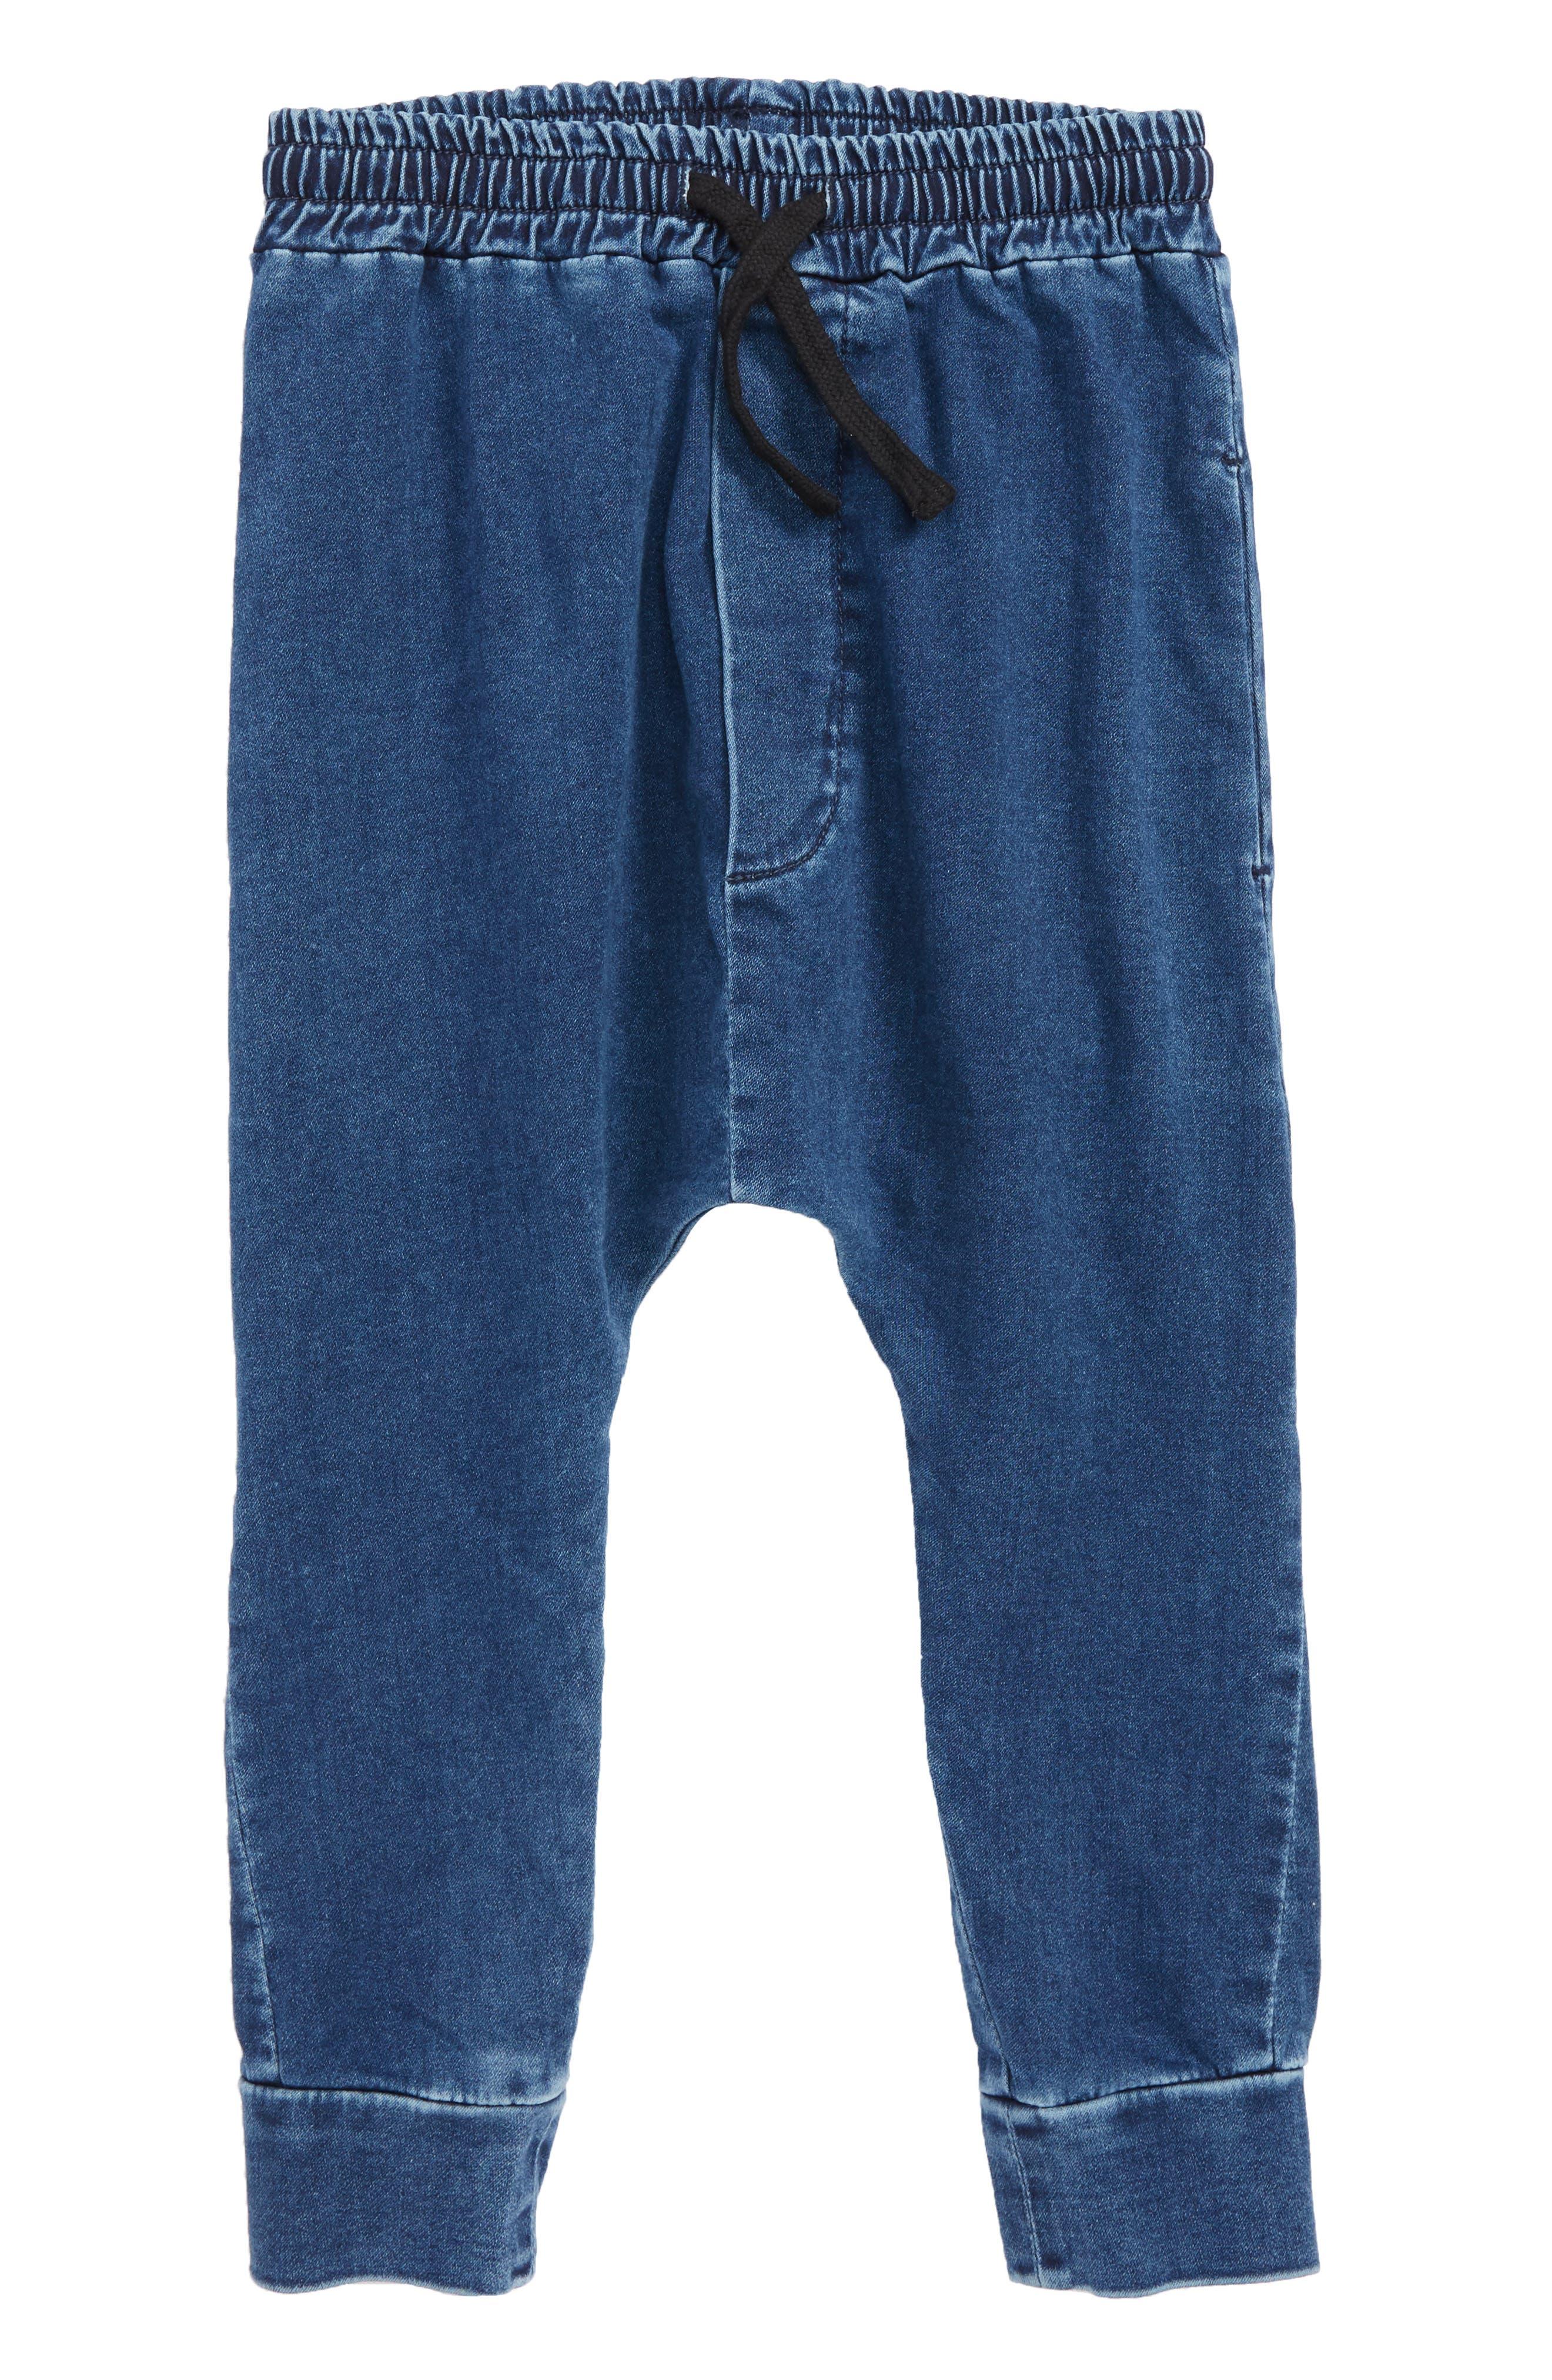 Basic Denim Pants,                             Main thumbnail 1, color,                             DENIM